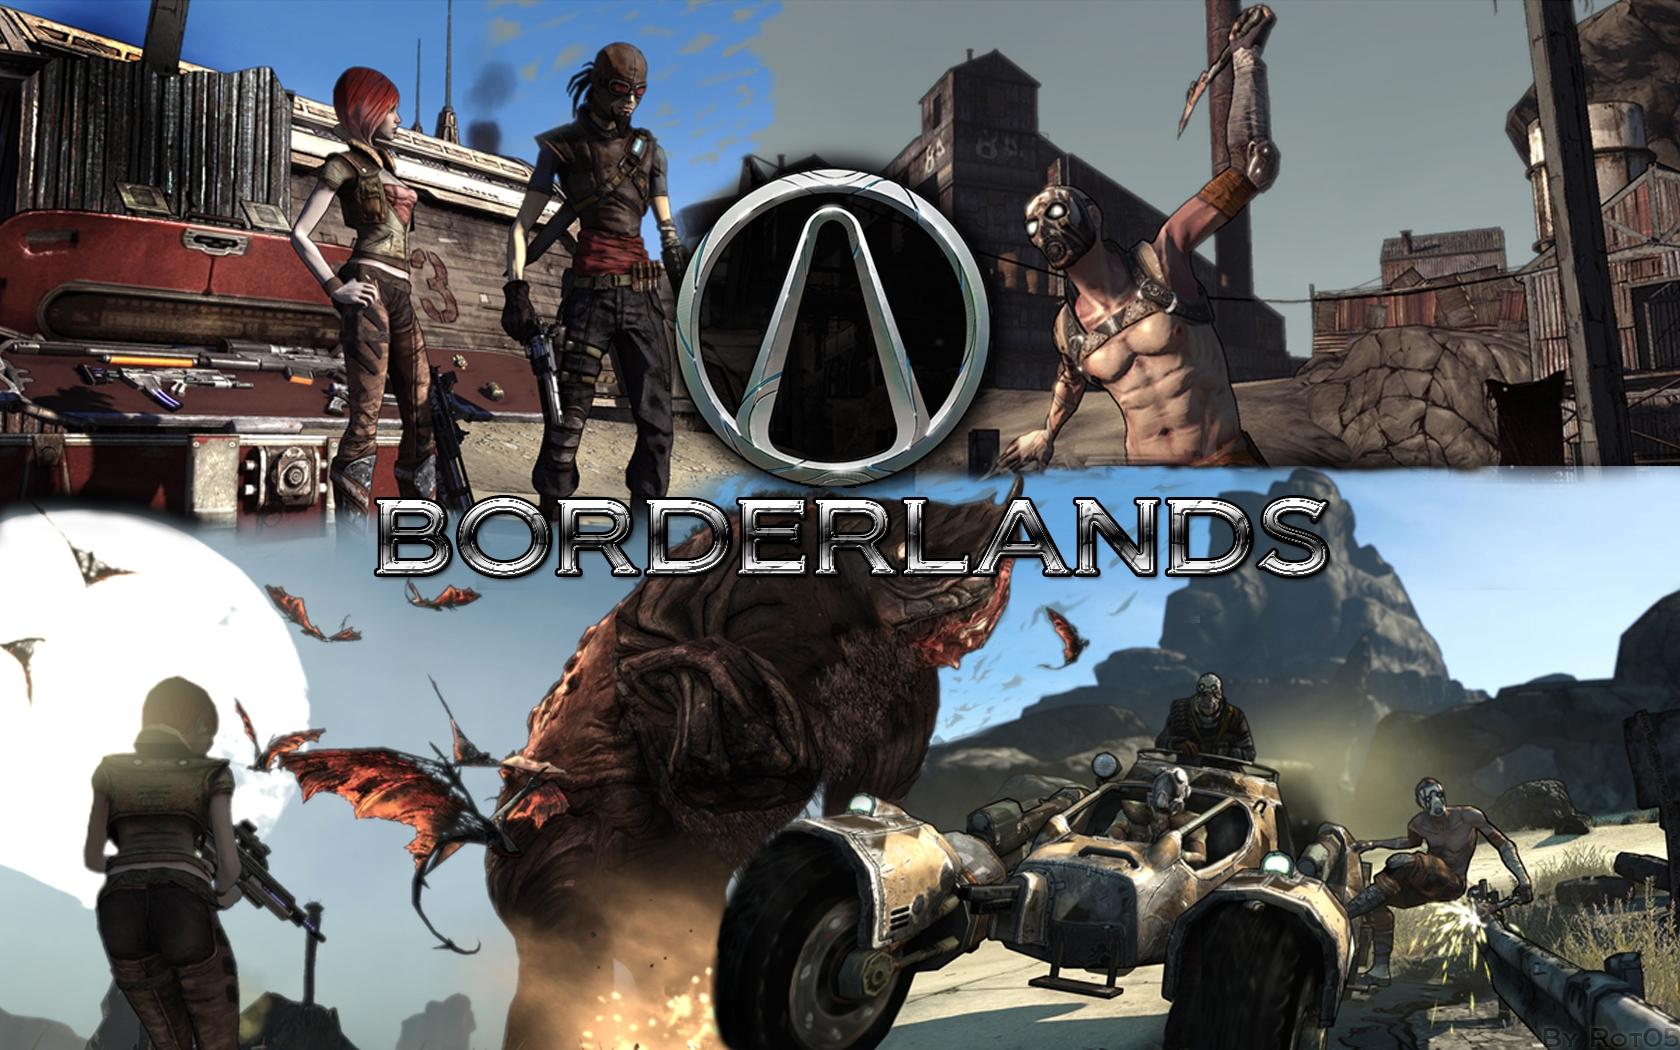 Borderlands Wallpapers Widescreen Wallpapers Of: Borderlands Wallpaper